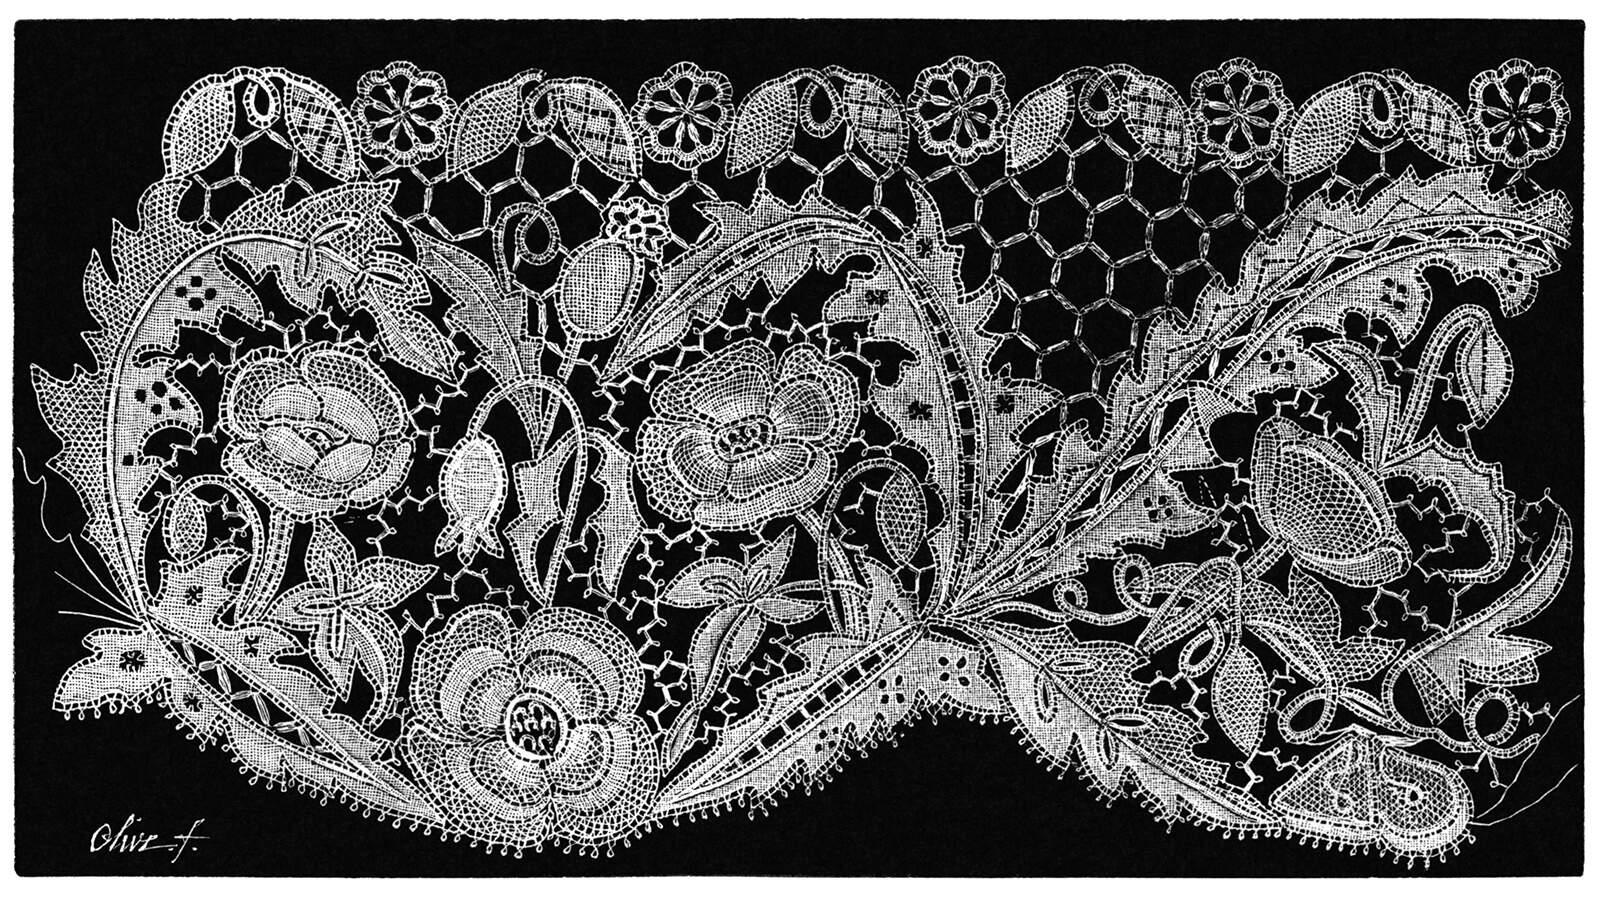 poppy-briony-1600.jpg (1600×901)